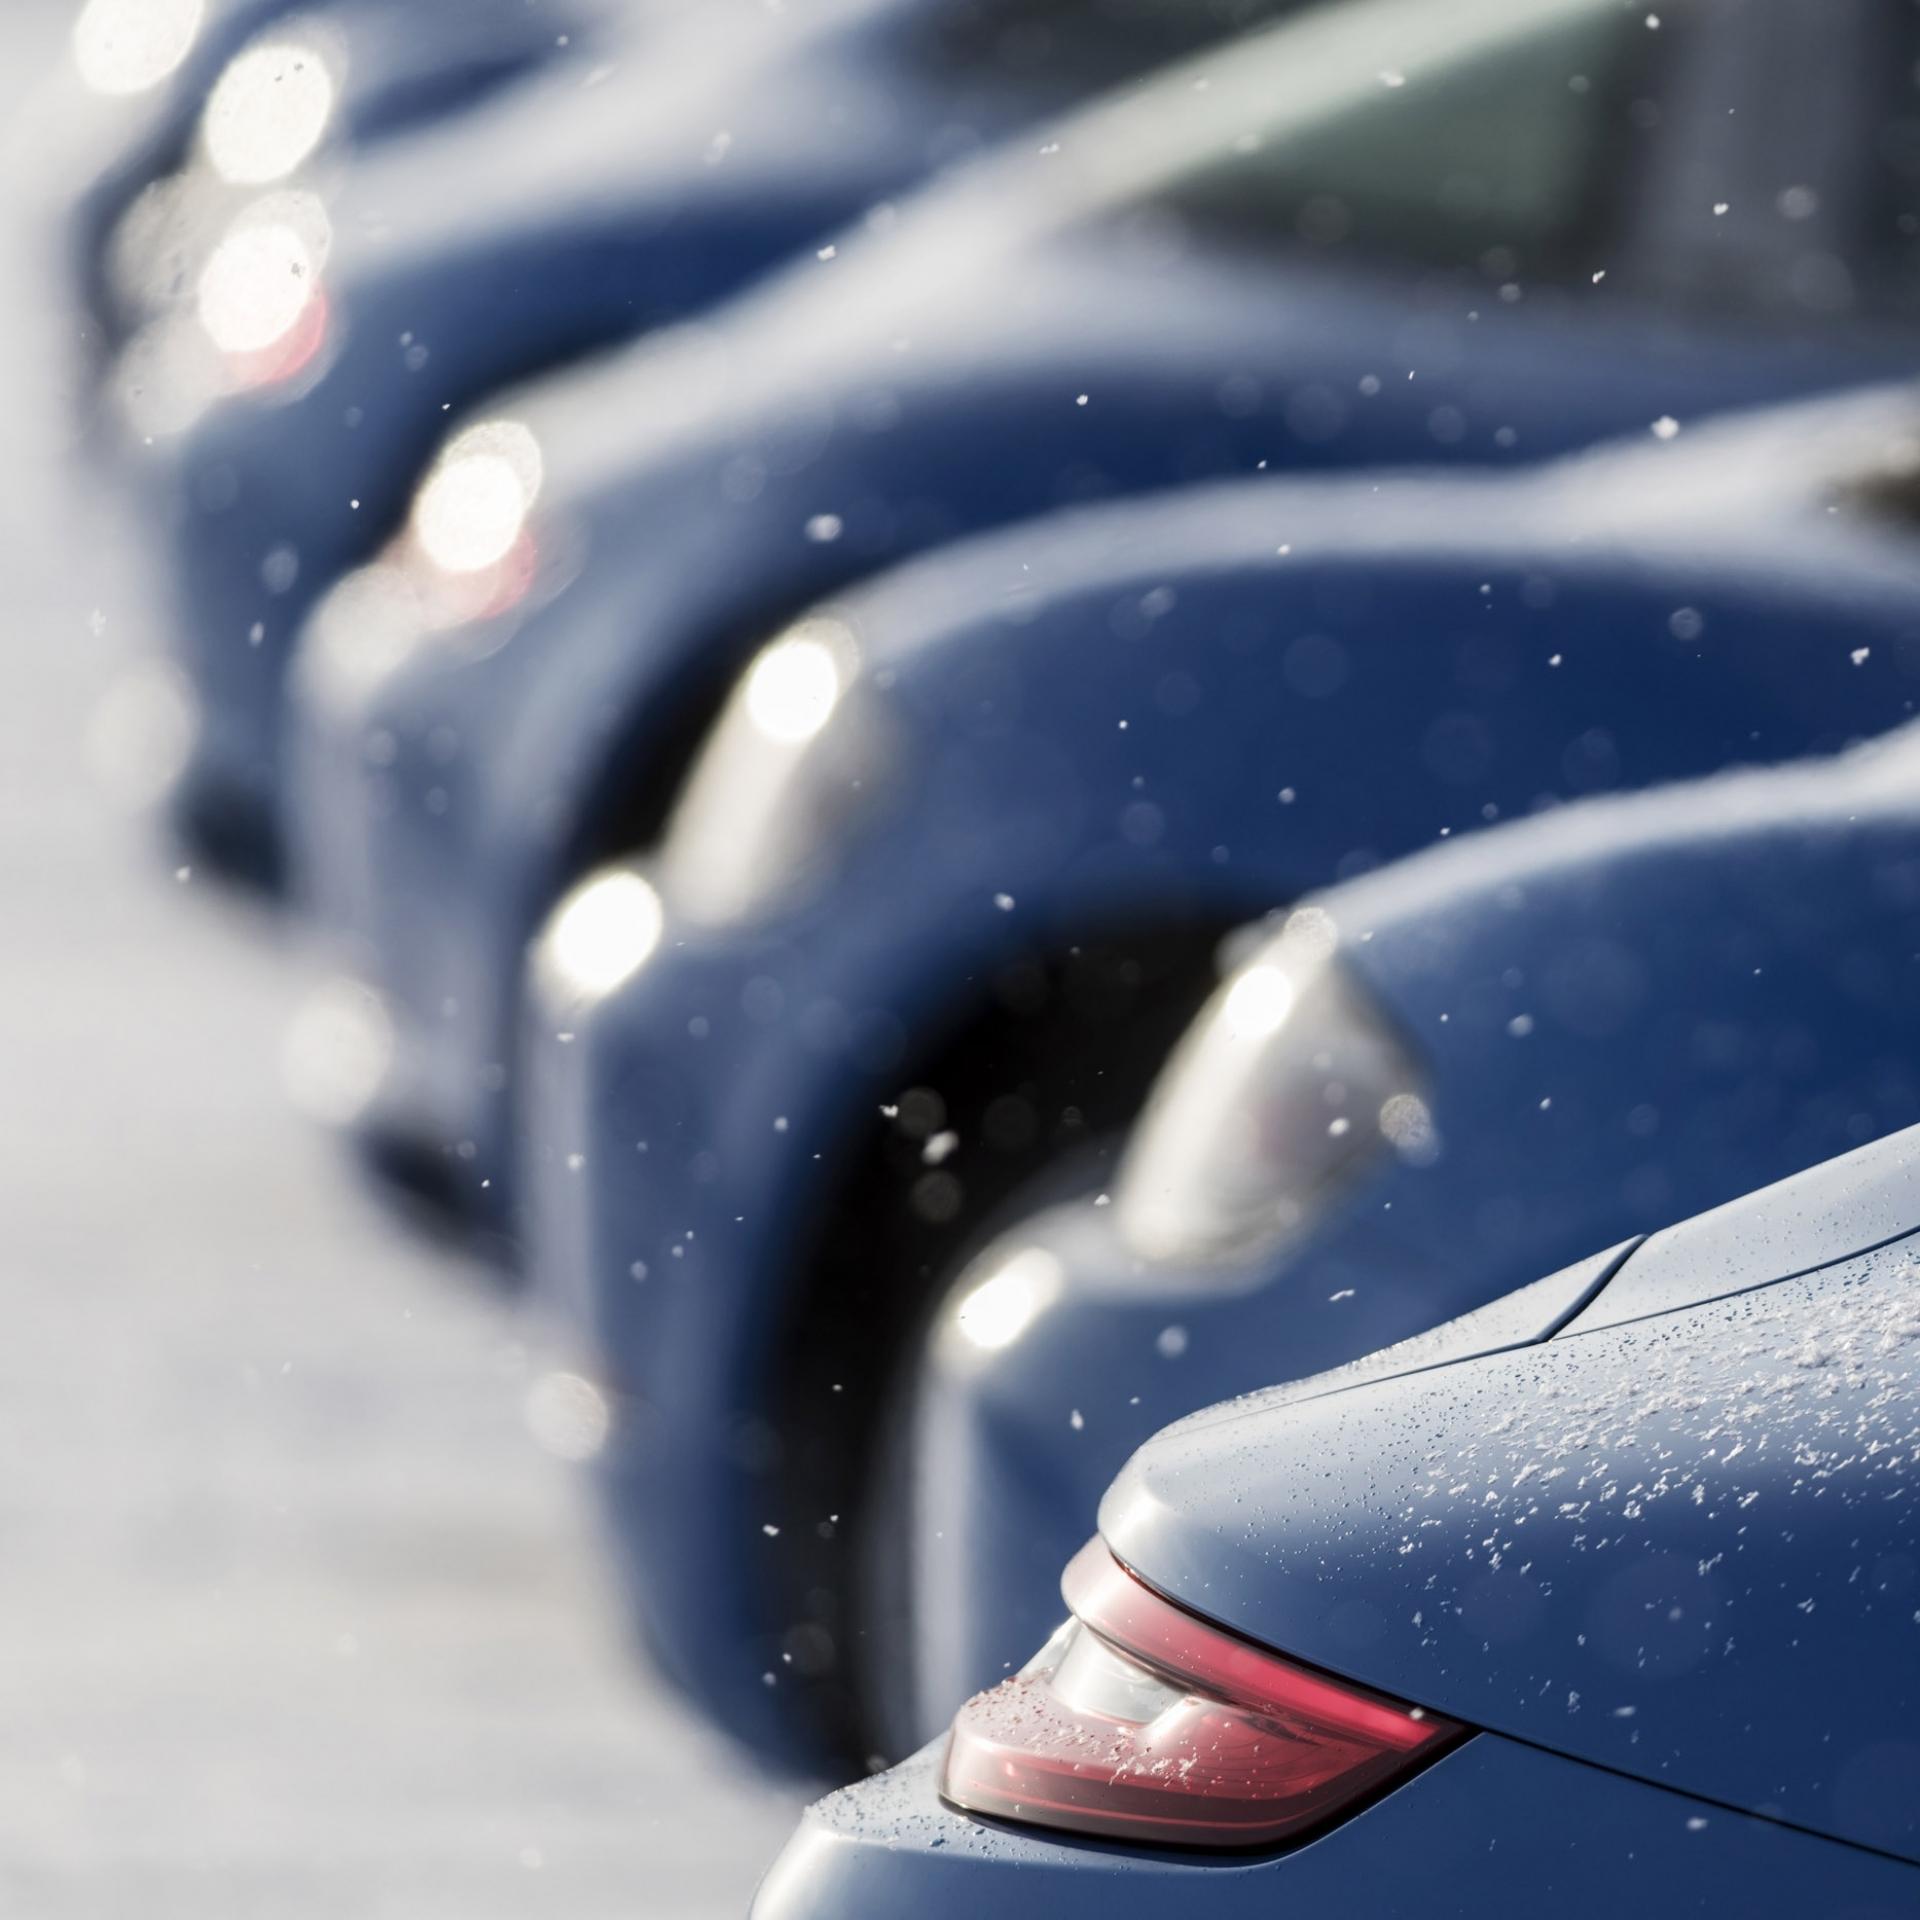 Teleobjektive sorgen für optische Tiefenkompression, Winter, Schnee